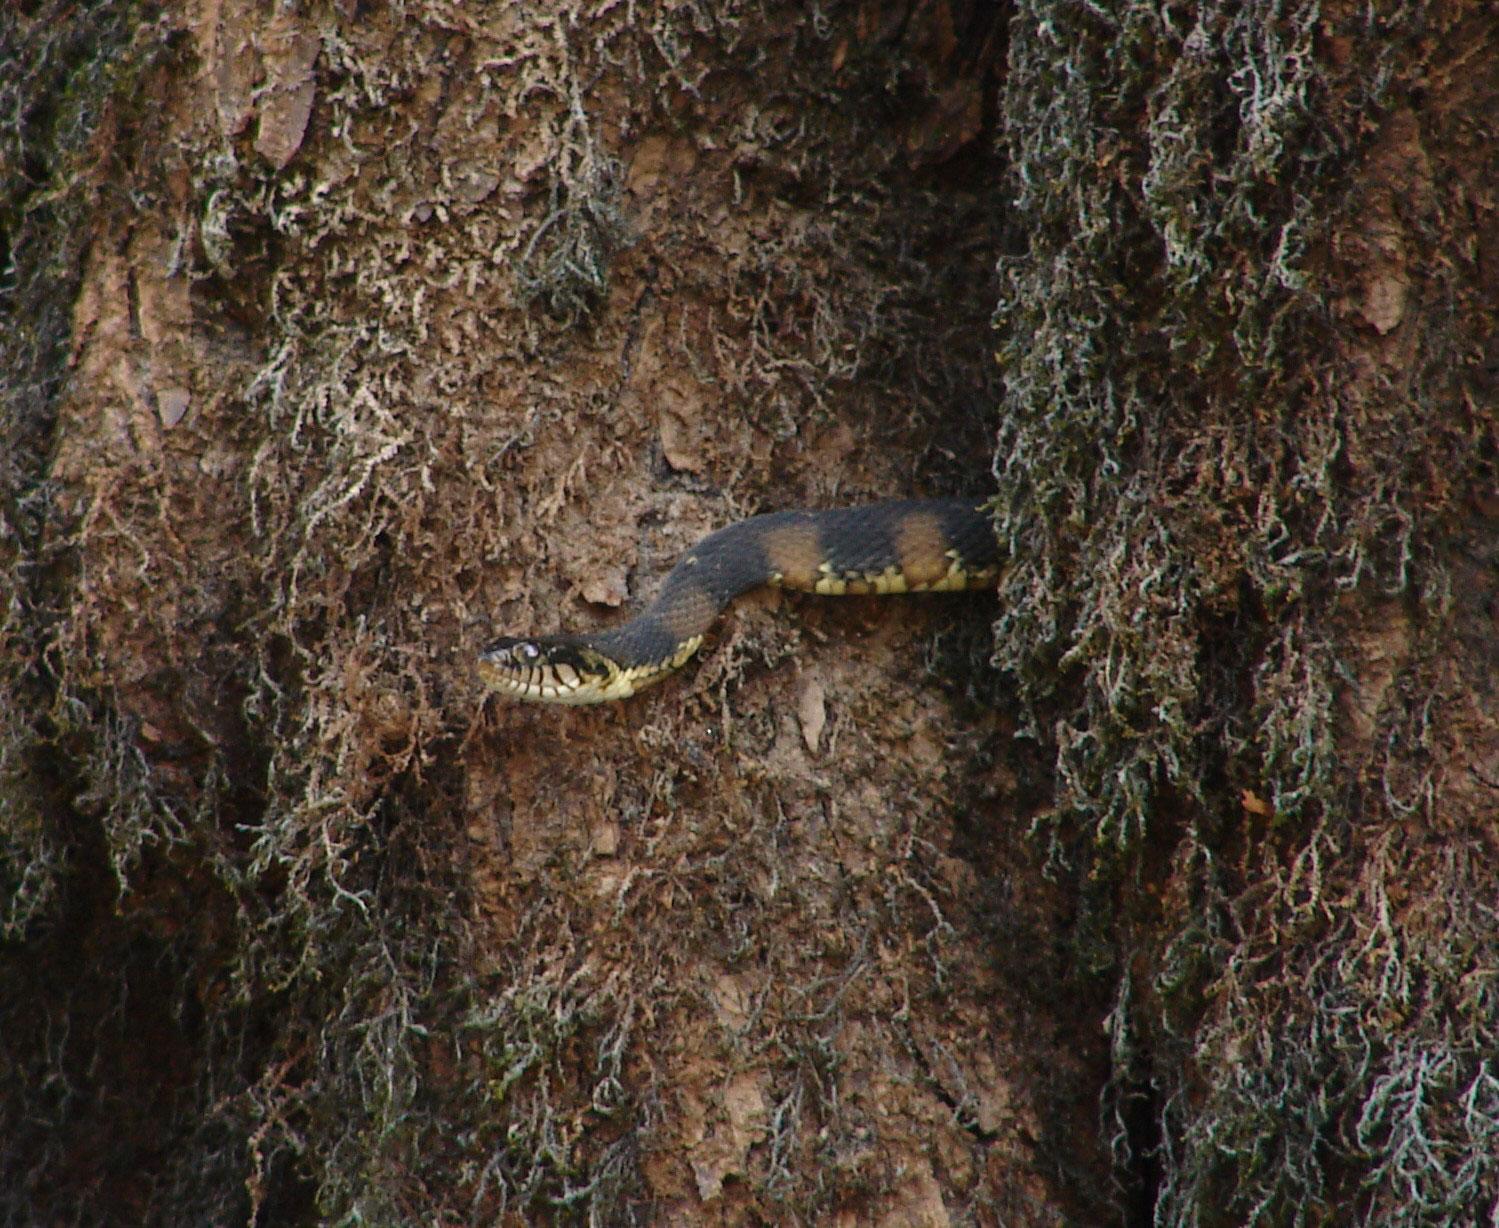 Watersnake Lurking Between The Mossy Cypress Knees